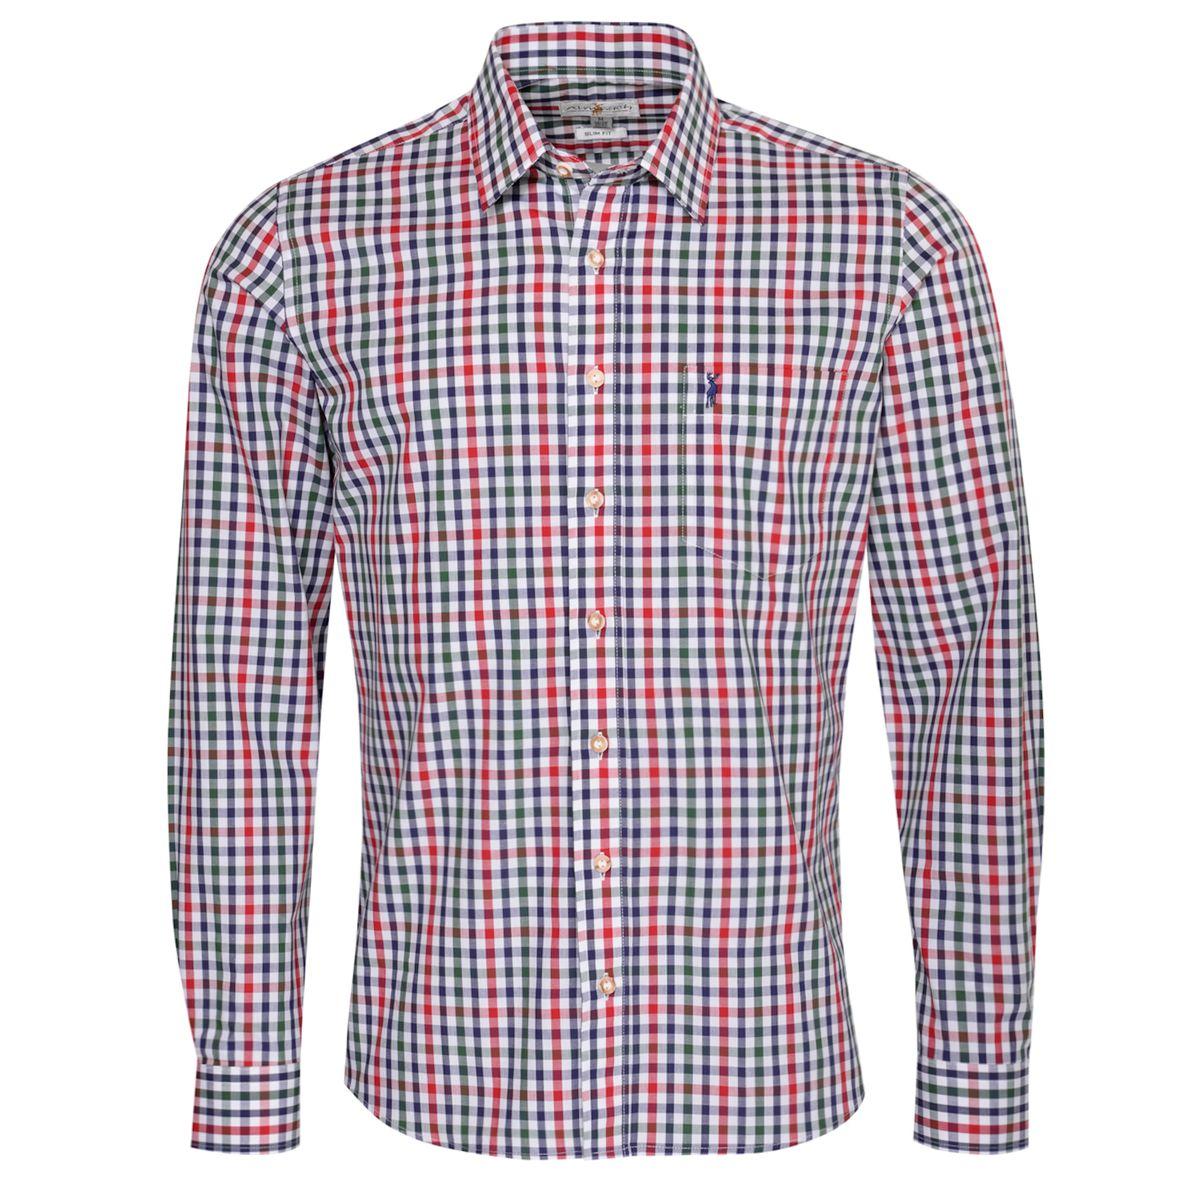 Trachtenhemd Egon Slim Fit zweifarbig in Rot und Dunkelgrün von Almsach günstig online kaufen